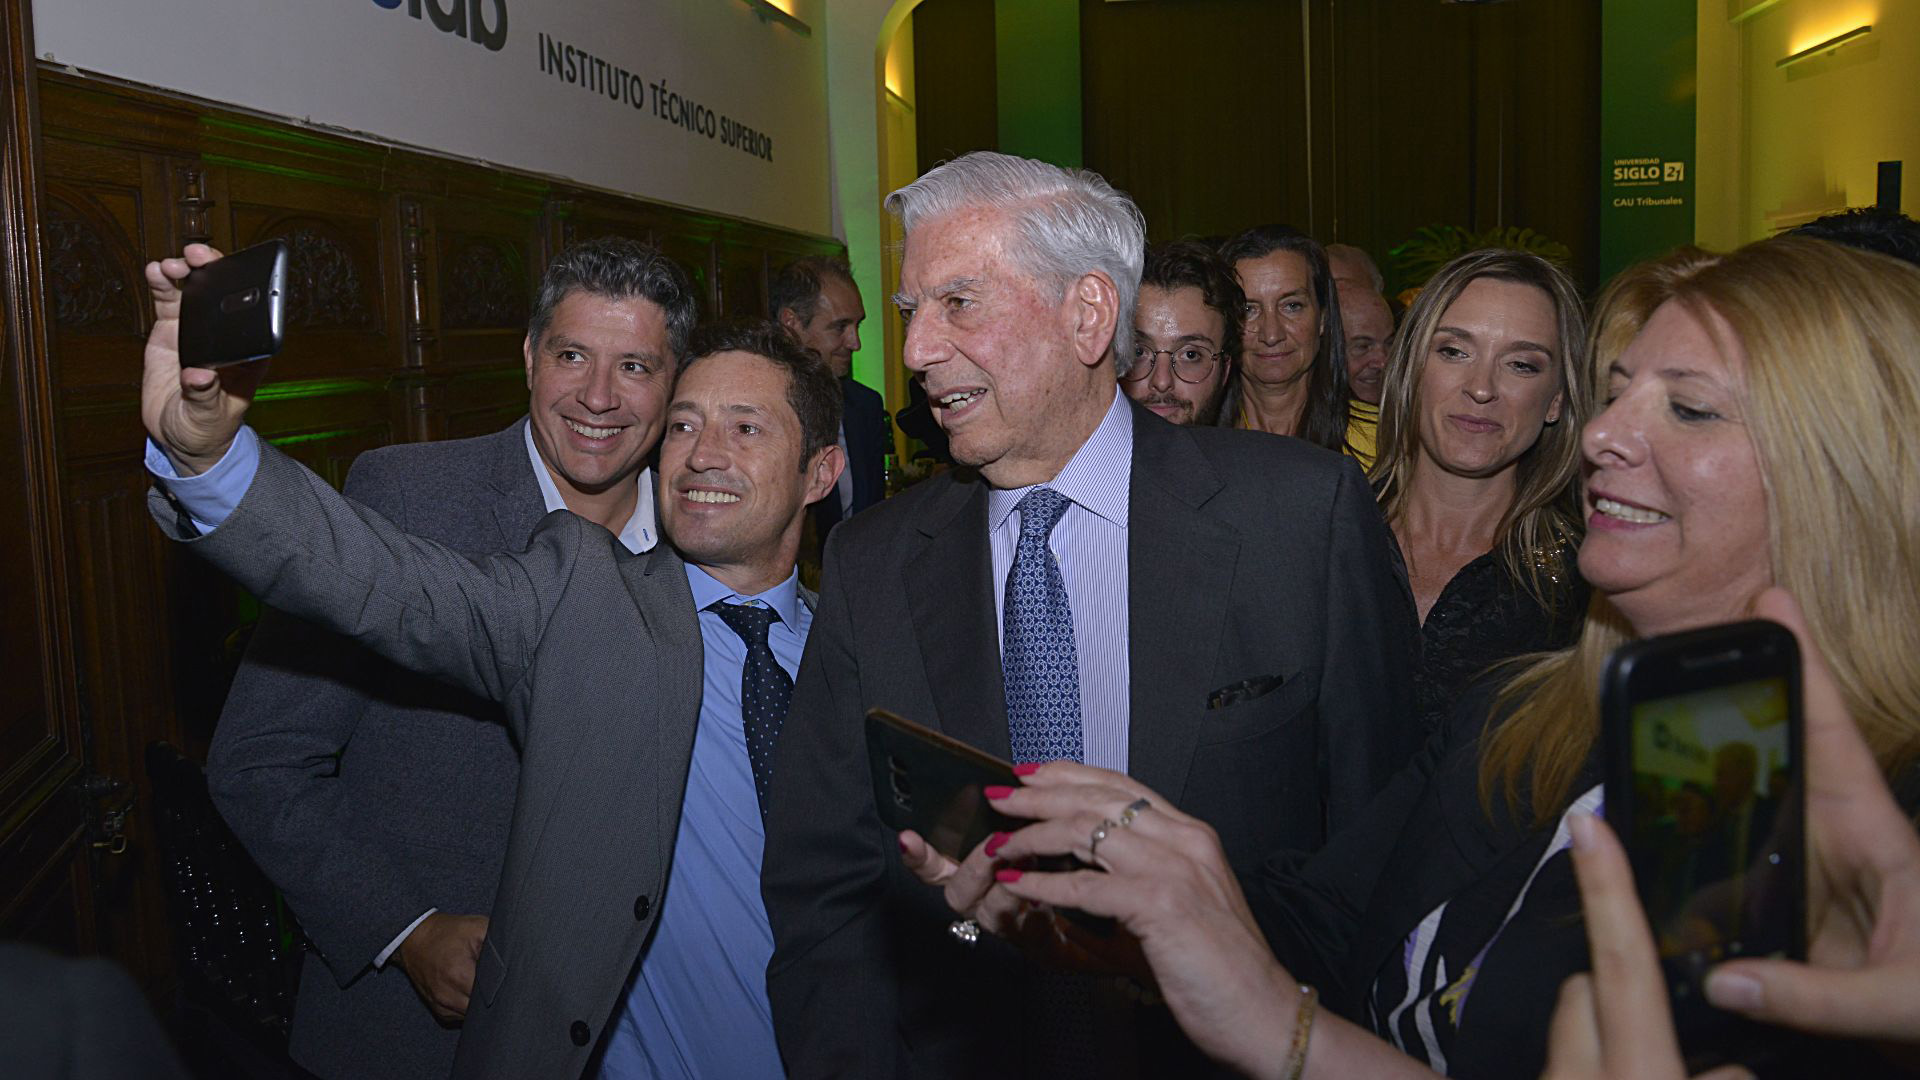 A la salida, Mario Vargas Llosa dejó que los invitados le tomaran selfies